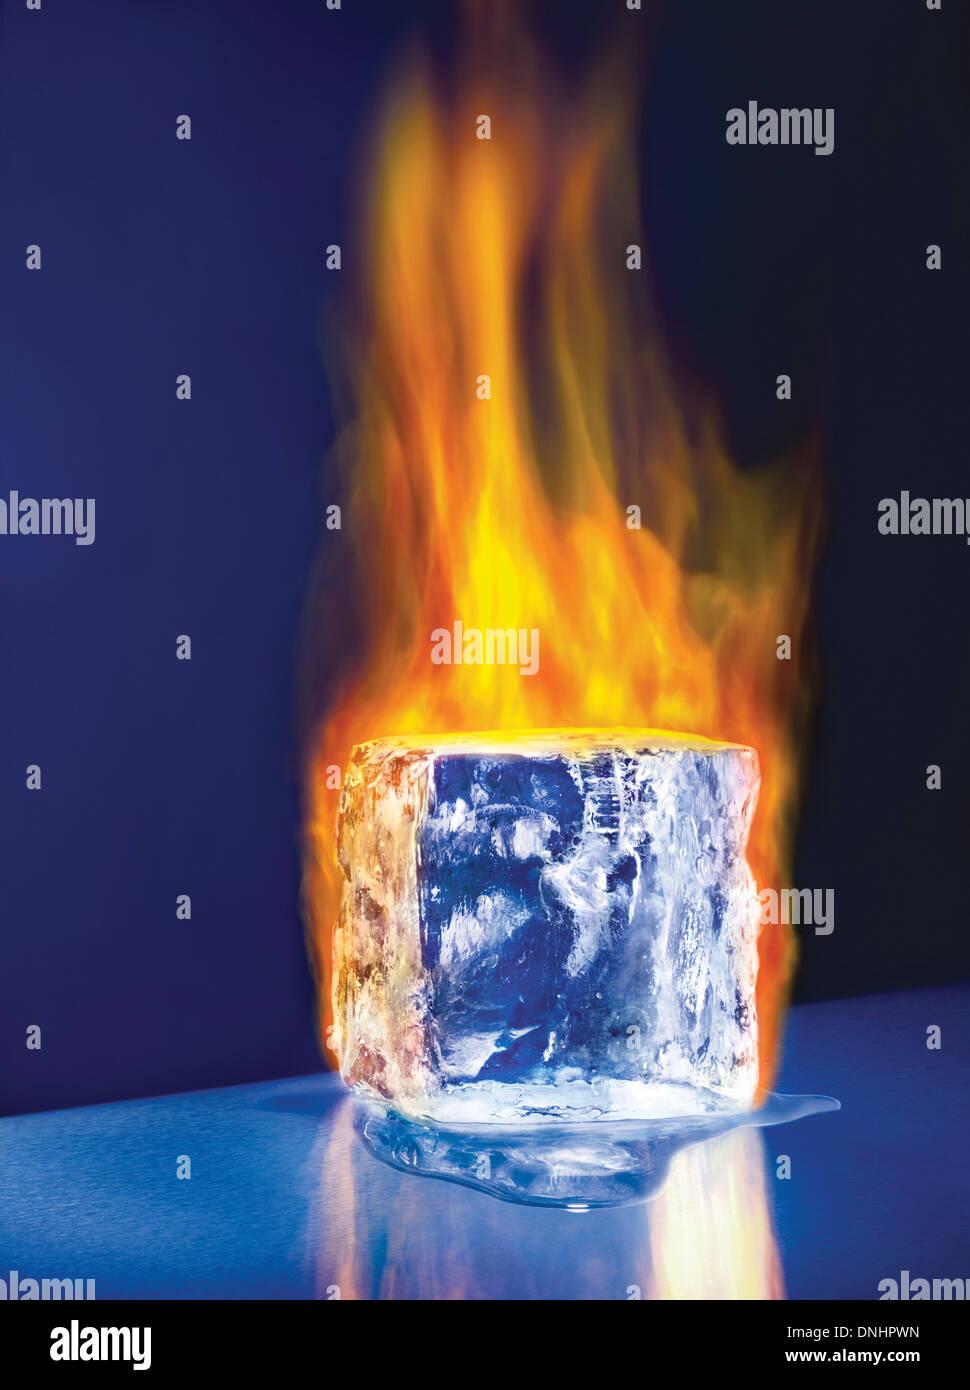 Ein großer schmelzenden Eis Block Würfel in Brand. Stockfoto